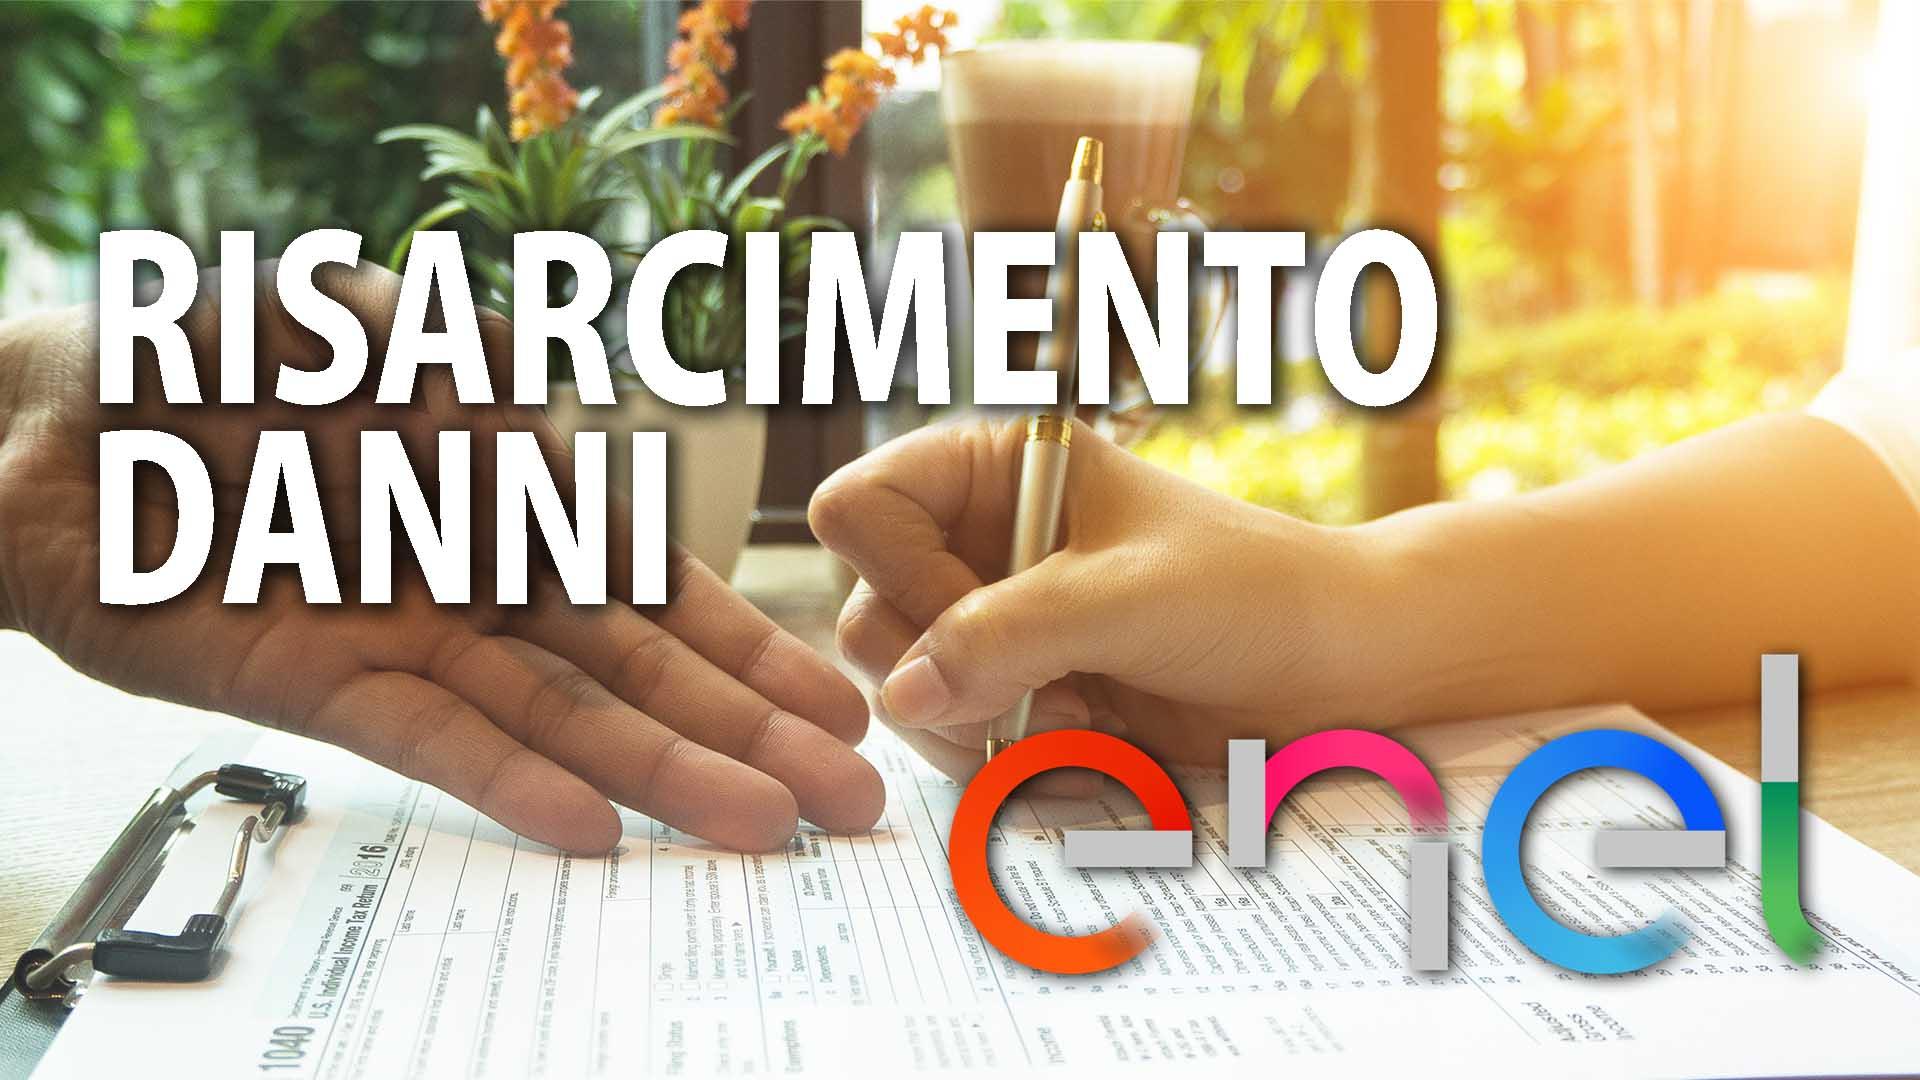 Risarcimento Danni Enel Per Guasti, Blackout o Interruzione del Servizio